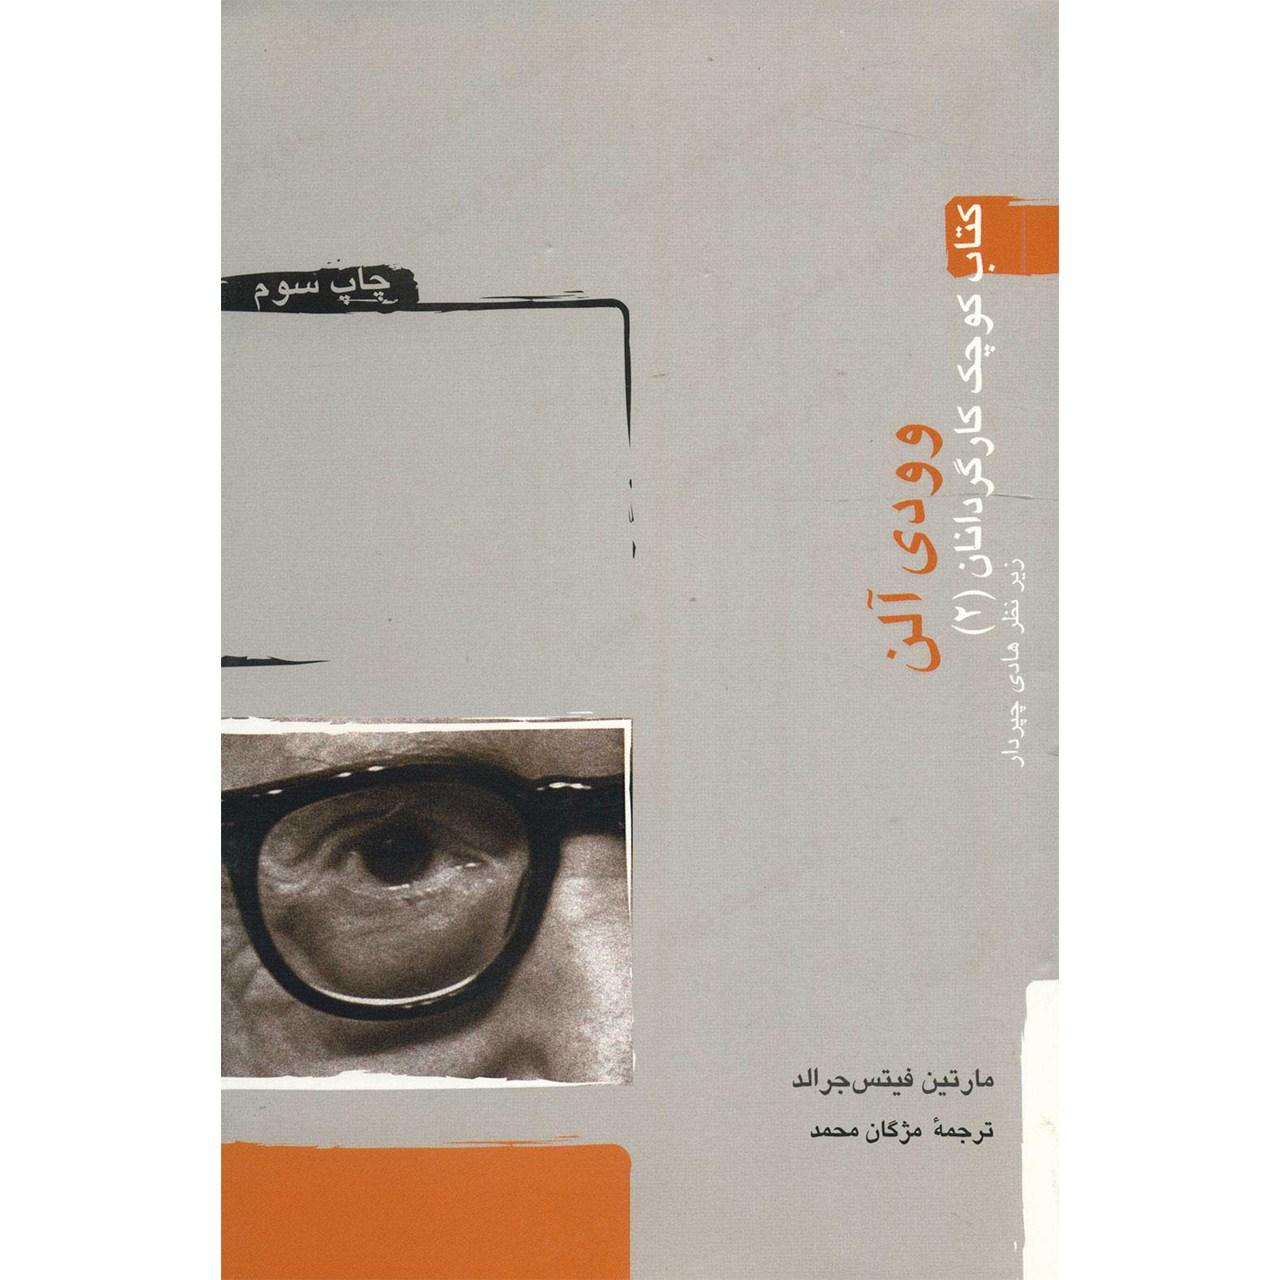 کتاب وودی آلن اثر مارتین فیتس جرالد